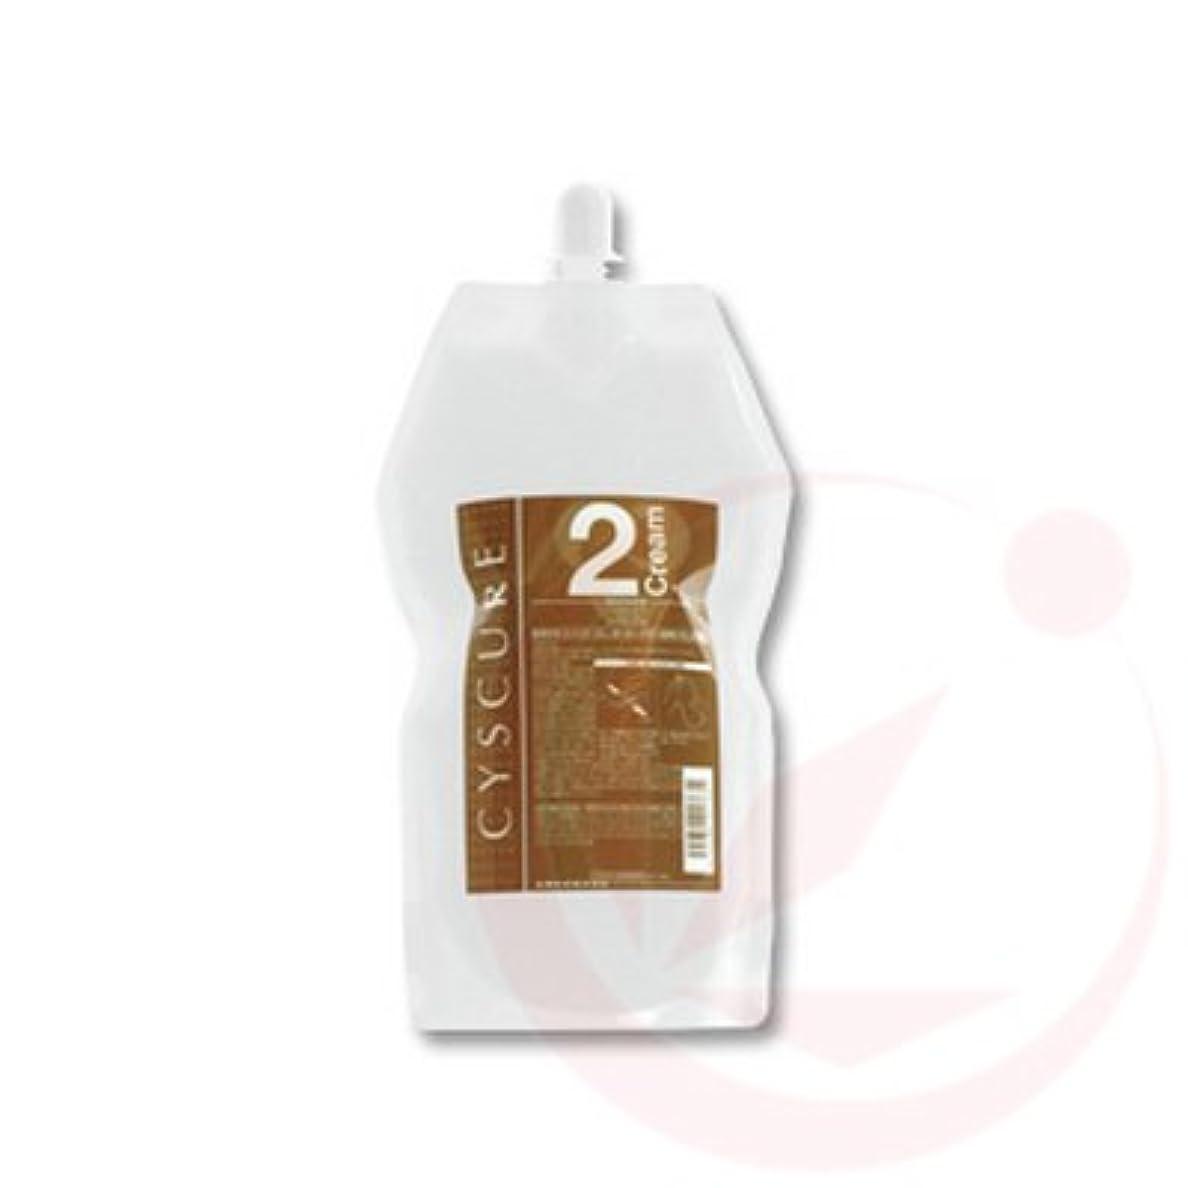 引き渡すブッシュ油タマリス シスキュア2クリーム 1000g (パーマ剤/2剤)